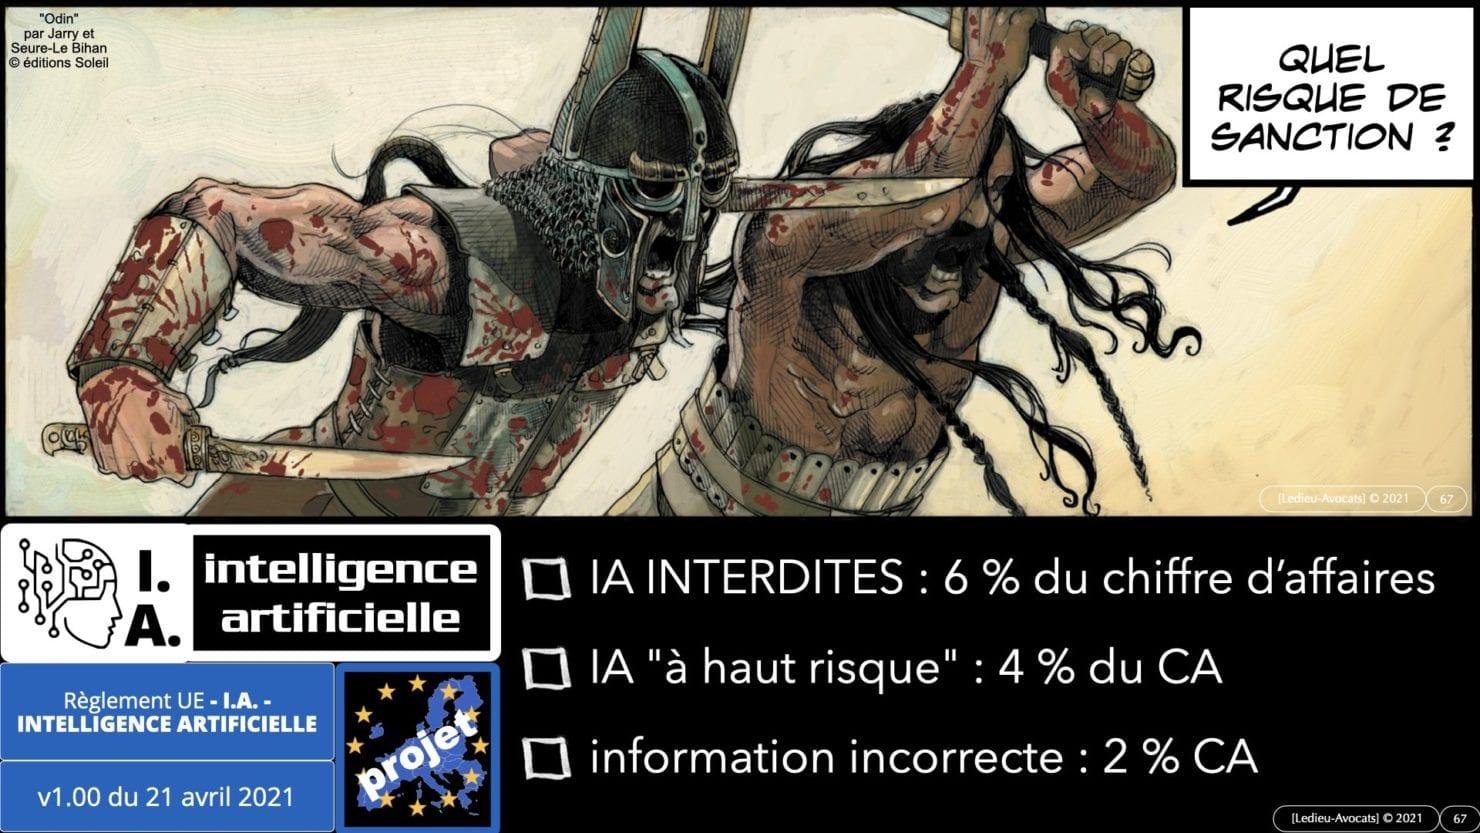 335 Intelligence Artificielle 2021 et AI Act [projet de Règlement UE] deep learning machine learning © Ledieu-Avocats 04-06-2021 *16:9*.067